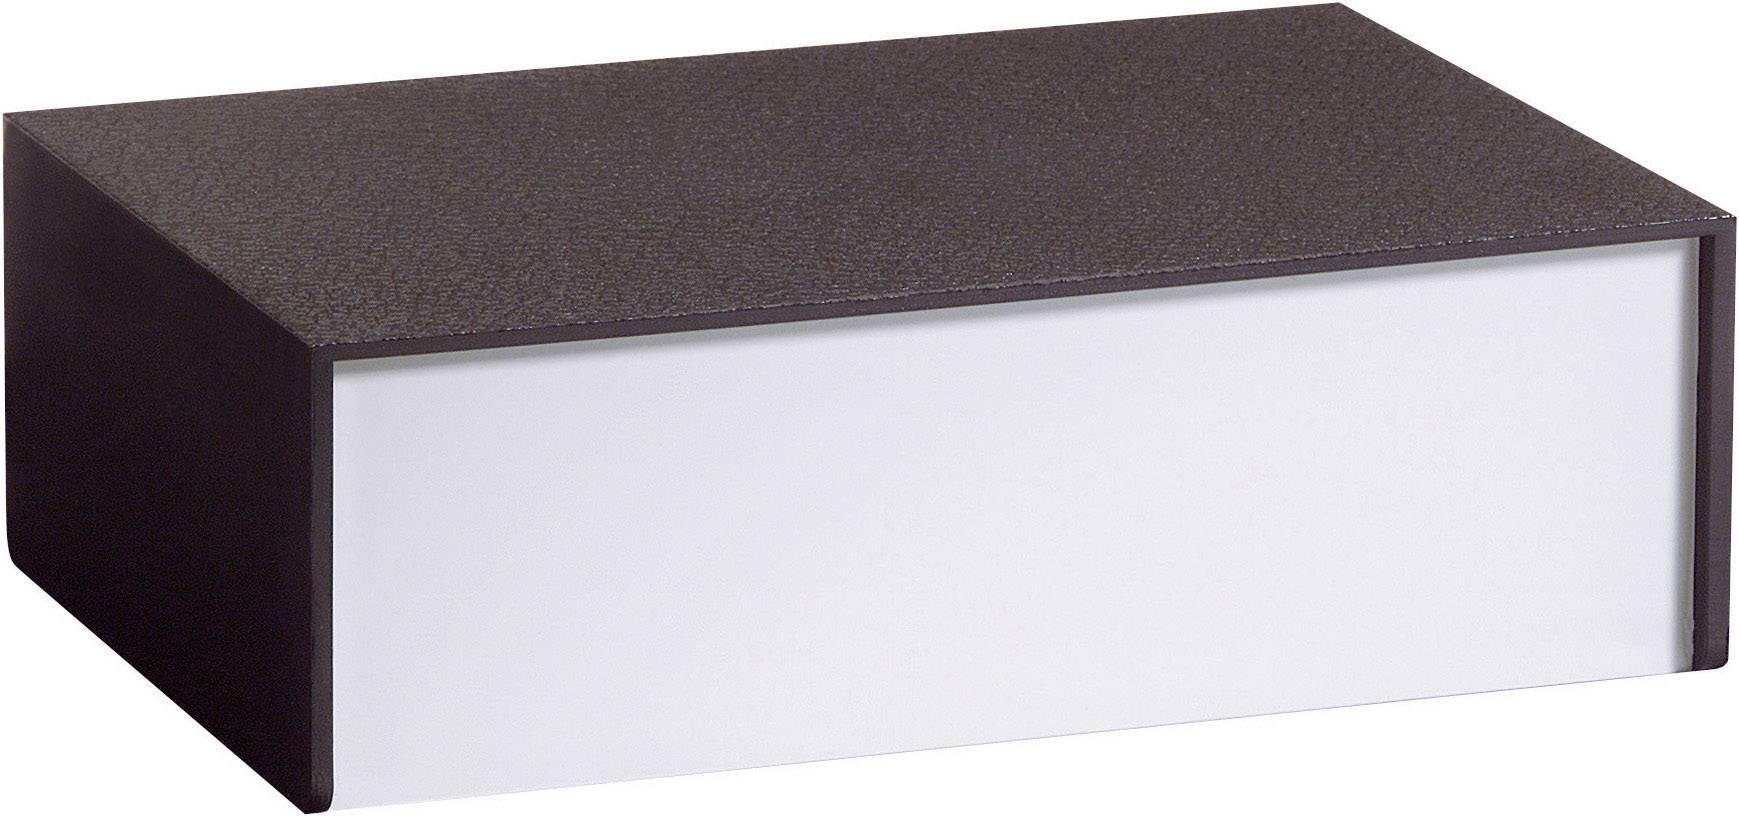 Univerzálne púzdro Strapubox 5002 5002, 168 x 117 x 56 , ABS, čiernosivá, 1 ks